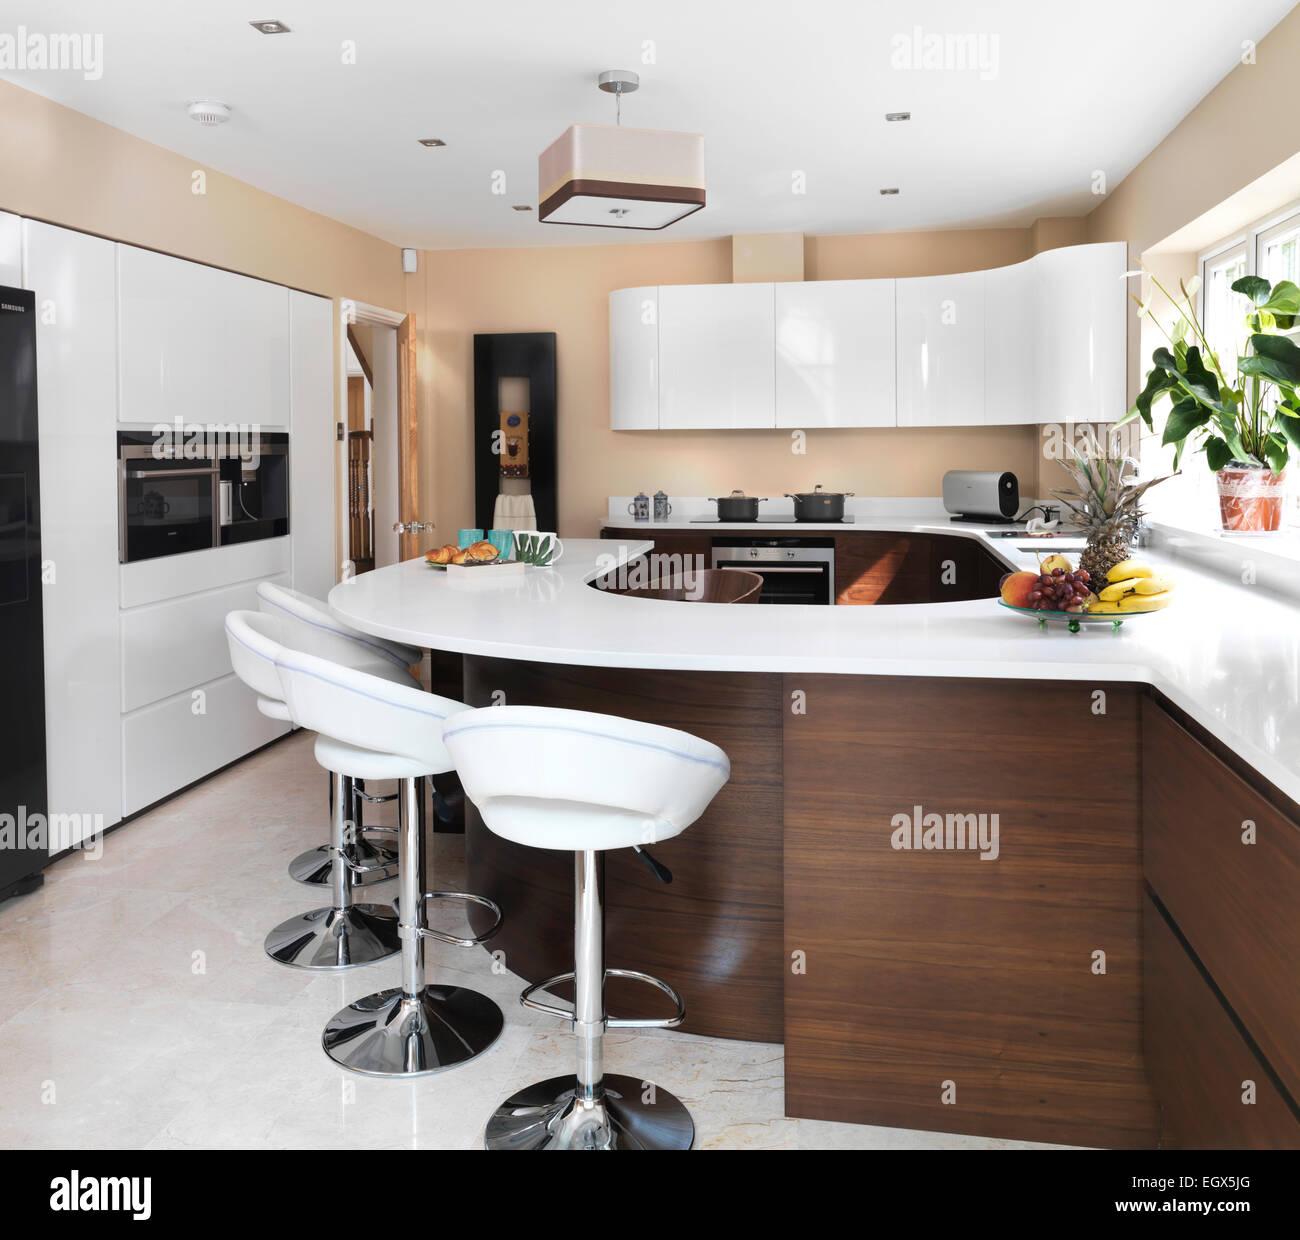 Fantastisch Küche Barhocker Ebay Uk Bilder - Küche Set Ideen ...